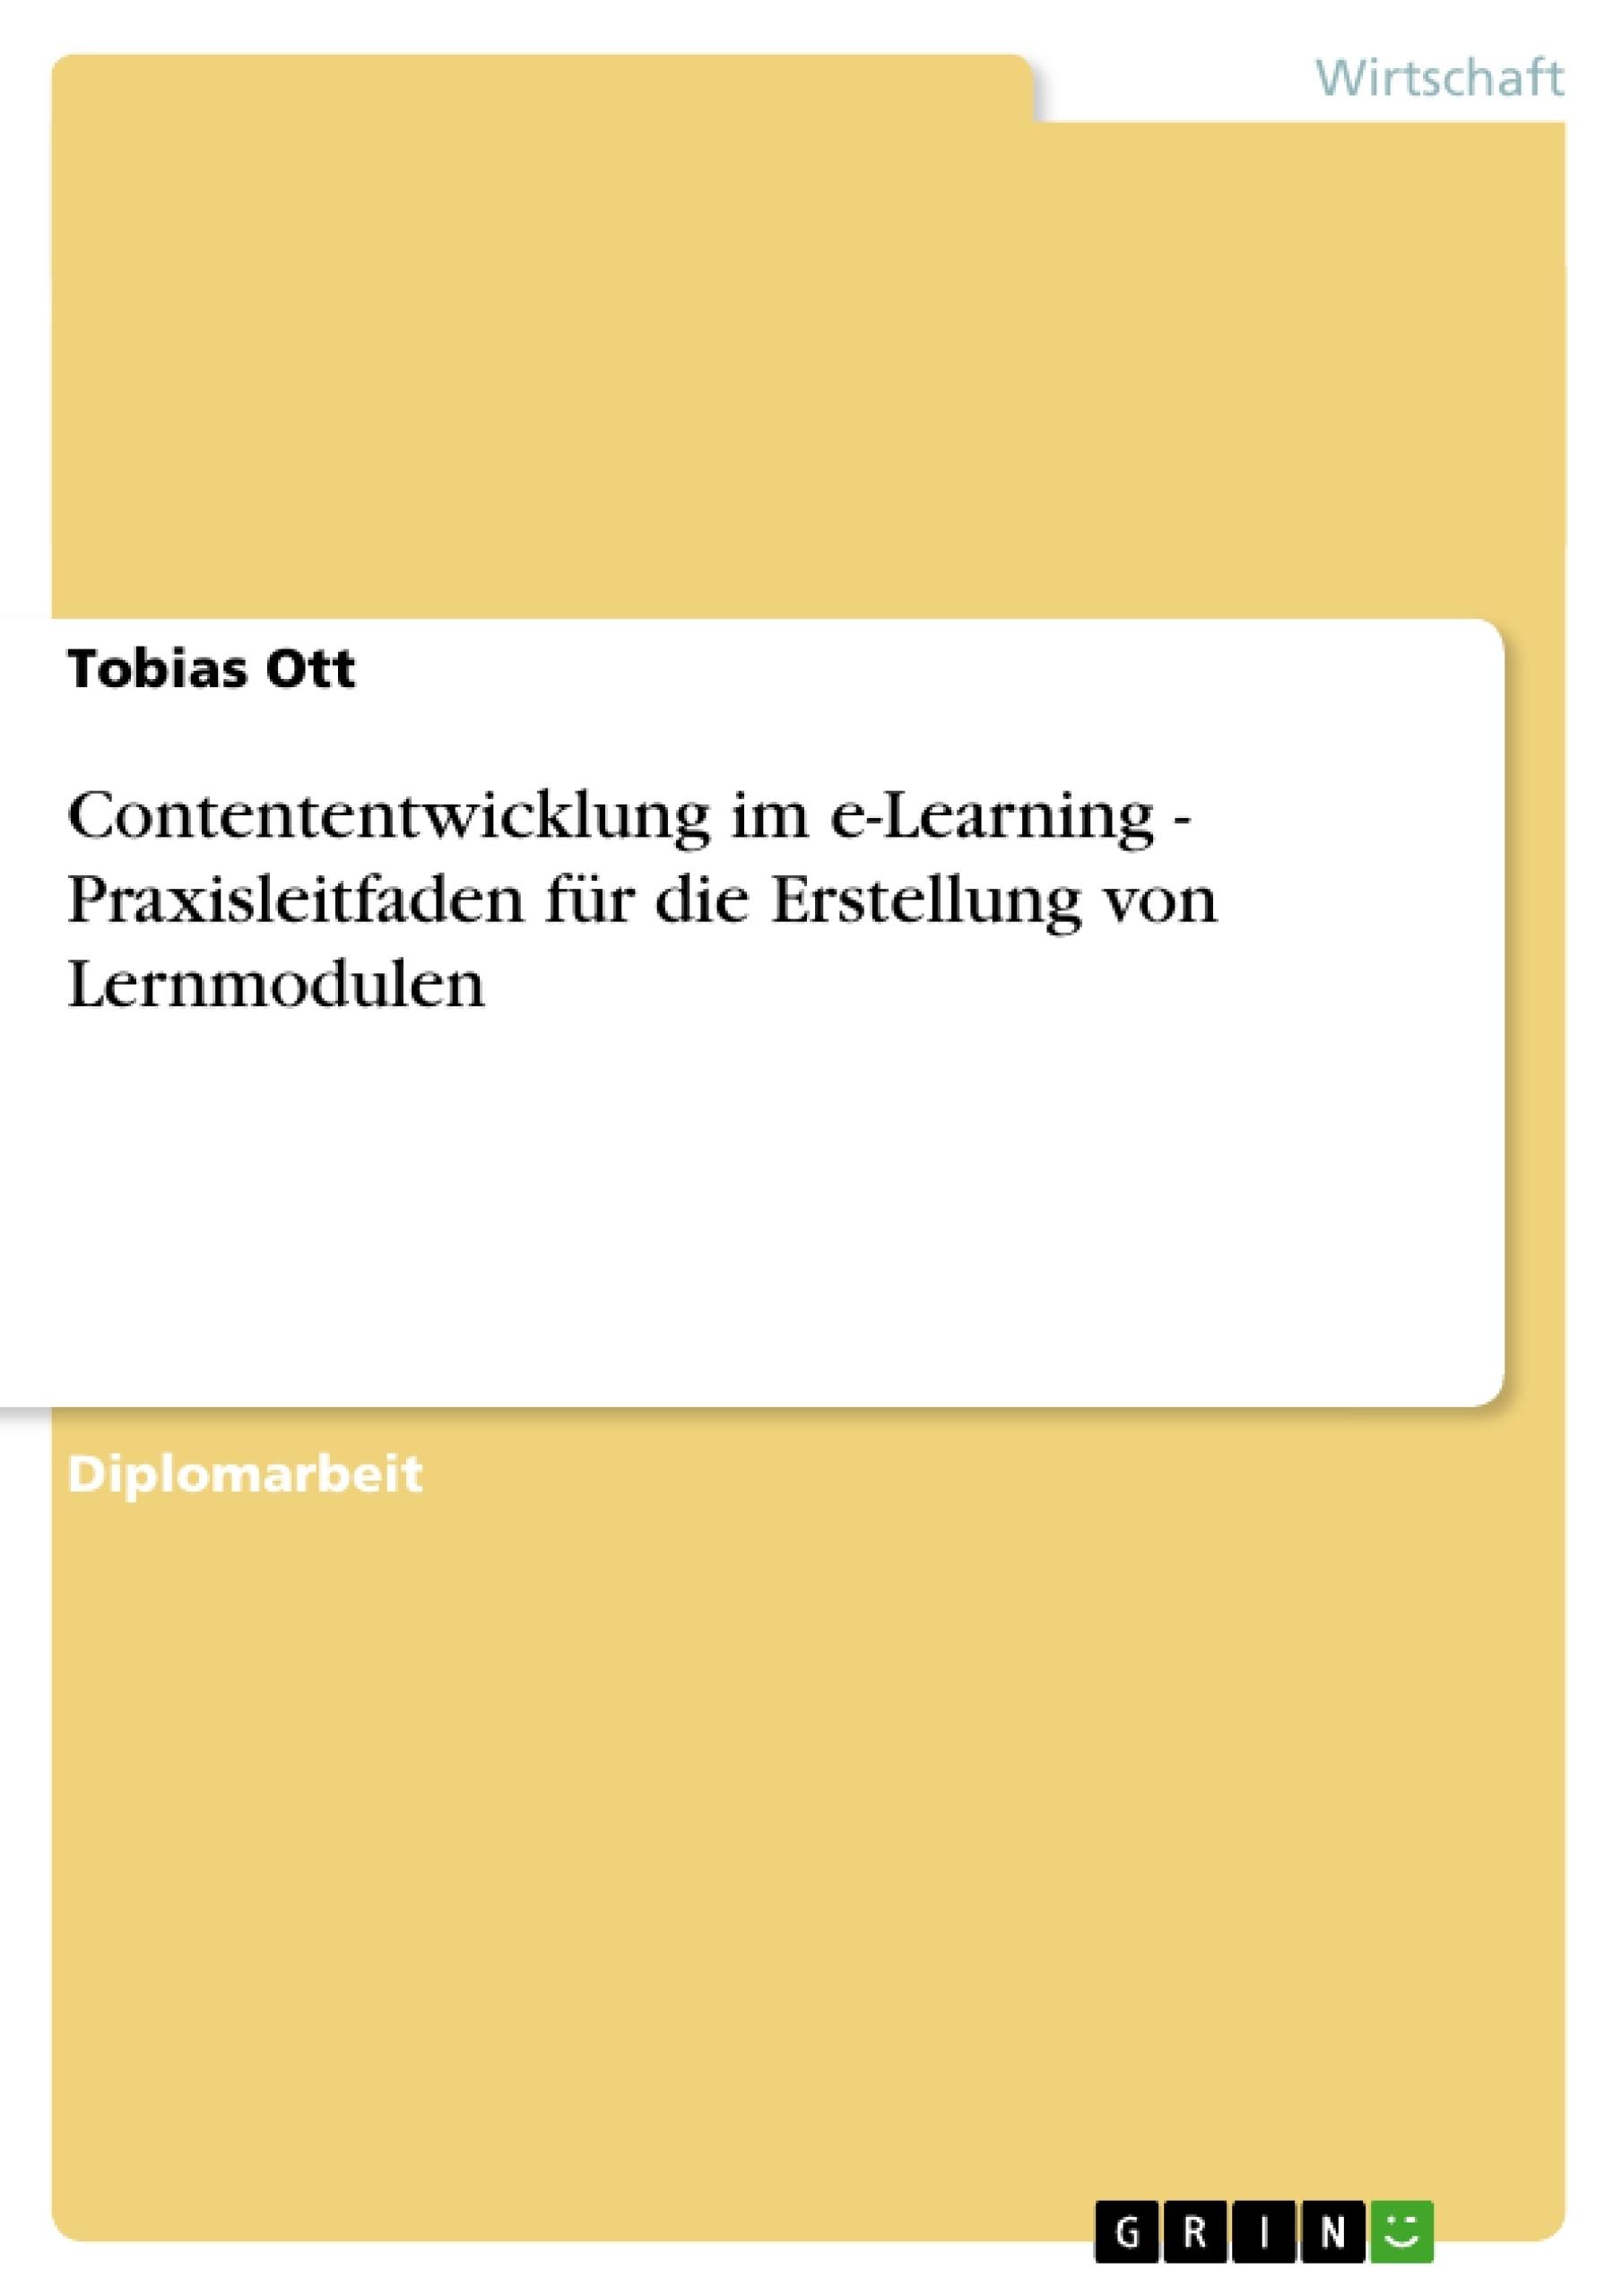 Titel: Contententwicklung im e-Learning - Praxisleitfaden für die Erstellung von Lernmodulen